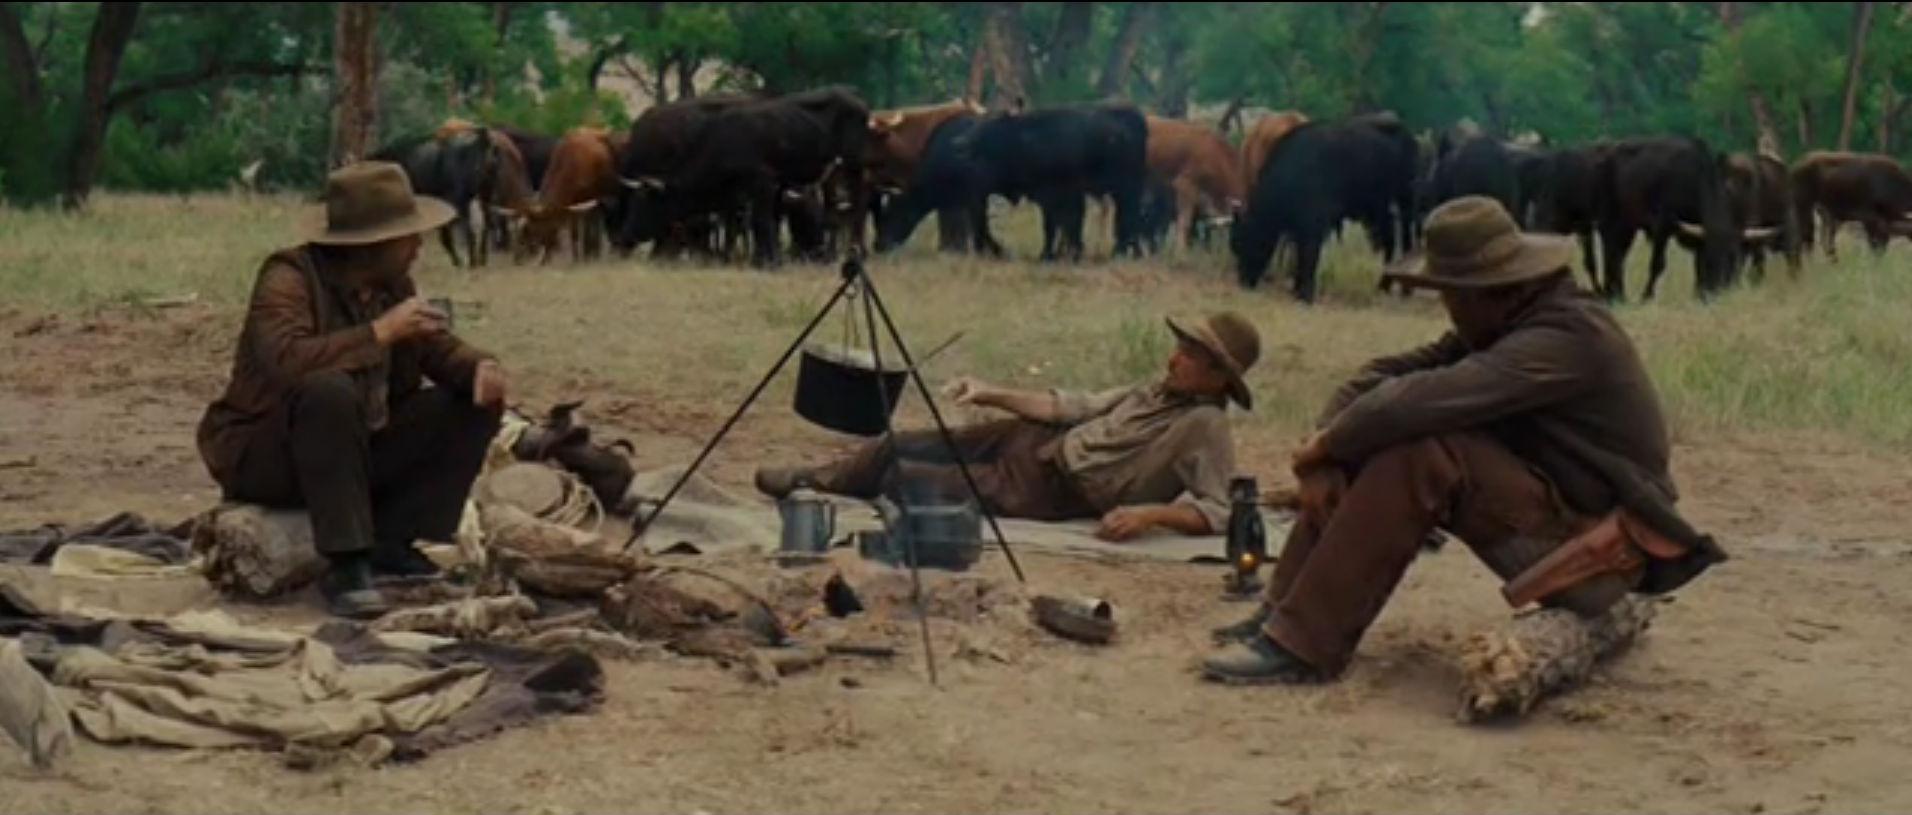 Смотреть кинофильм Ковбои против пришельцев / Cowboys and Aliens Вестерн 2011 хорошее качество